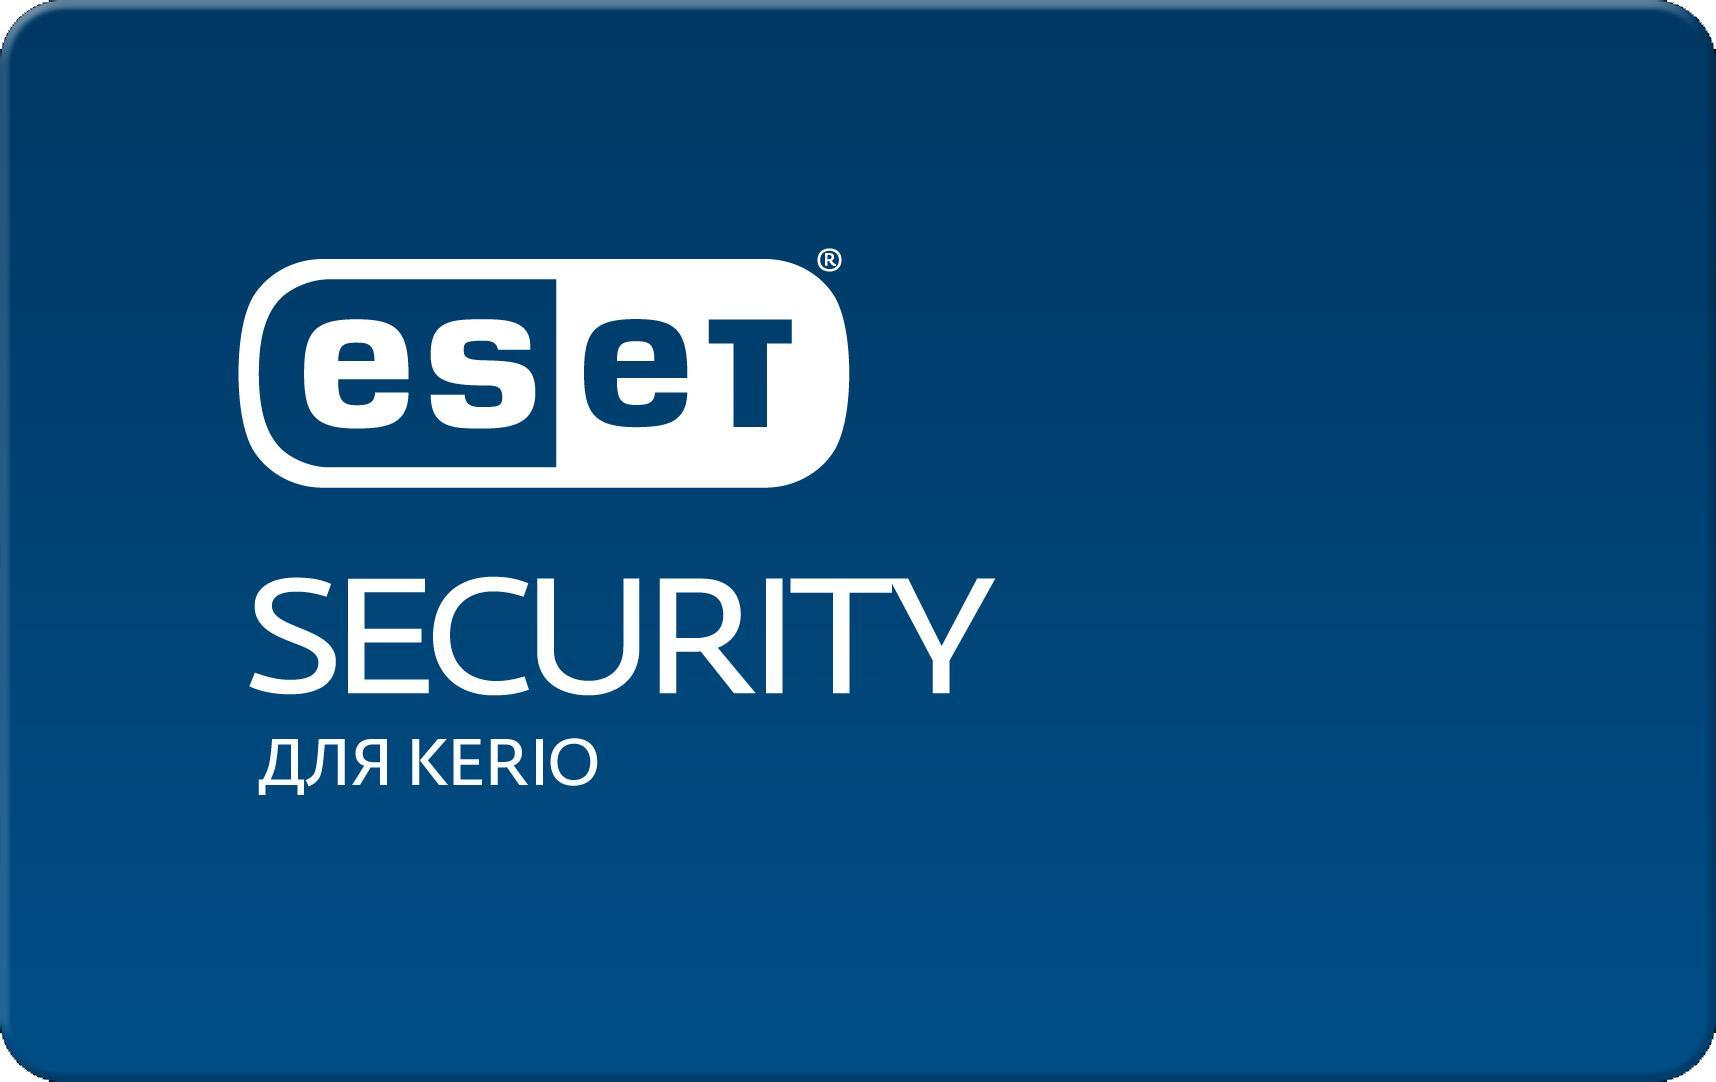 Защита почтовых серверов и интернет-шлюзов Eset Security для Kerio  для 8 пользователей